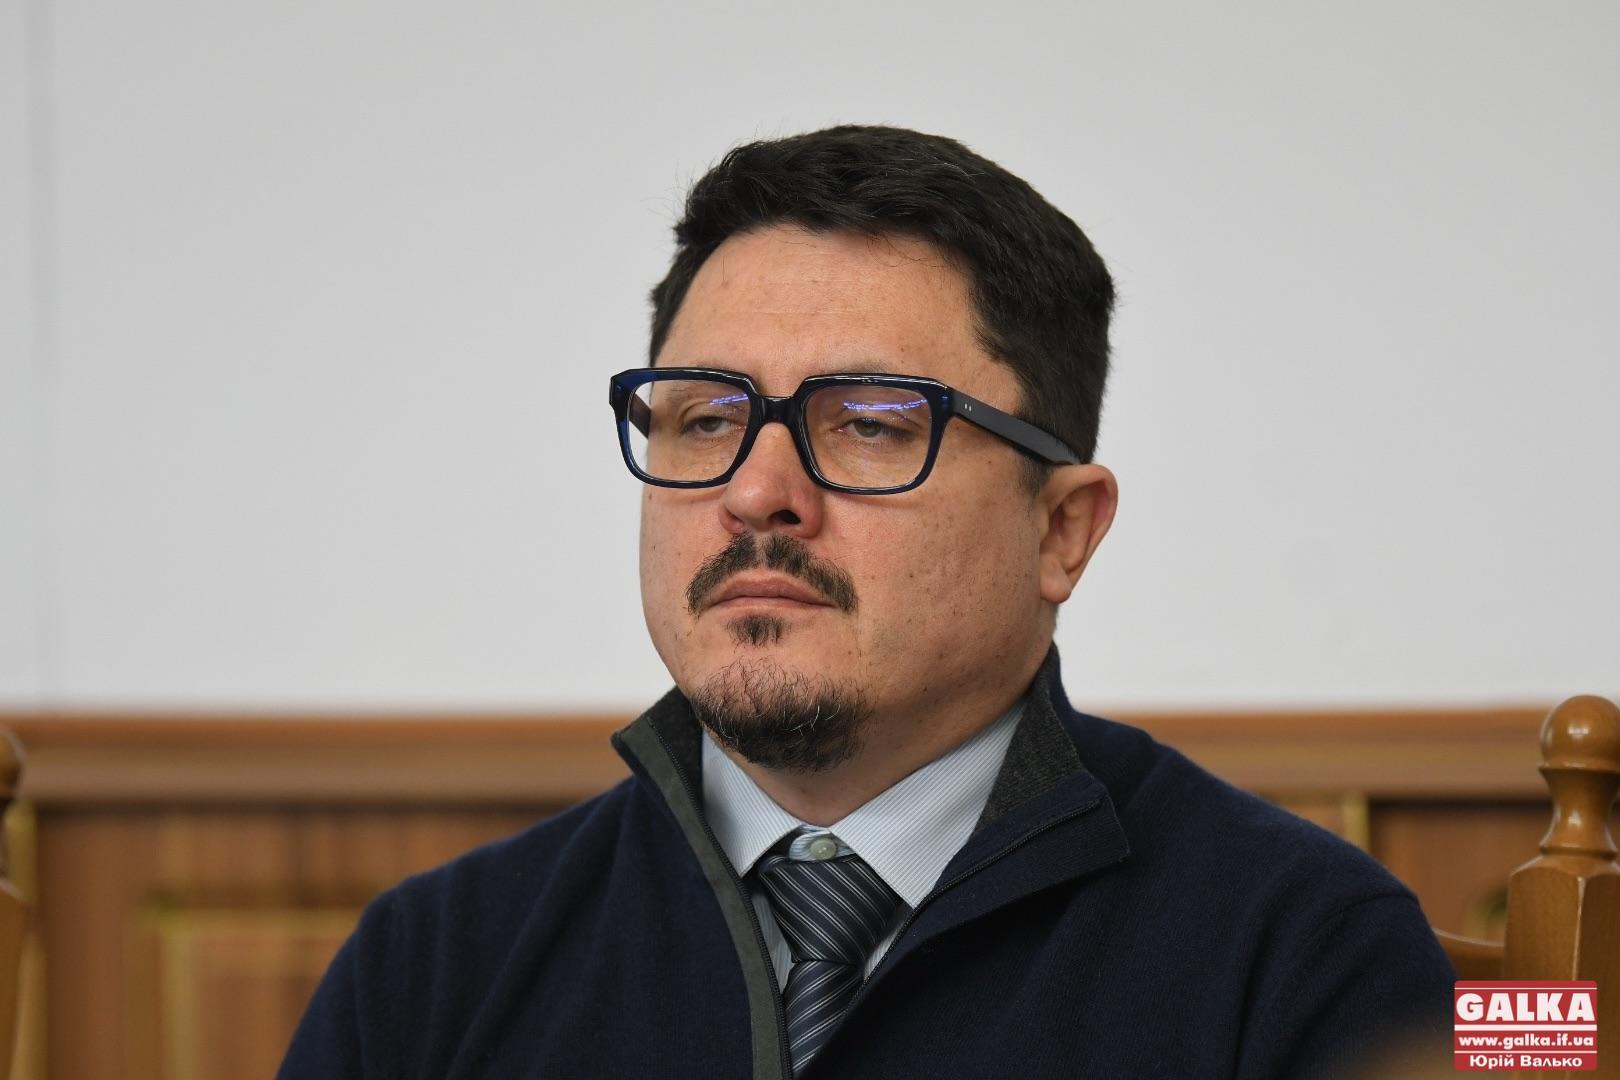 Андрій Бойчук: Цього року на Прикарпатті будуватимуть дороги, важливі для соціально-економічного та культурного розвитку області